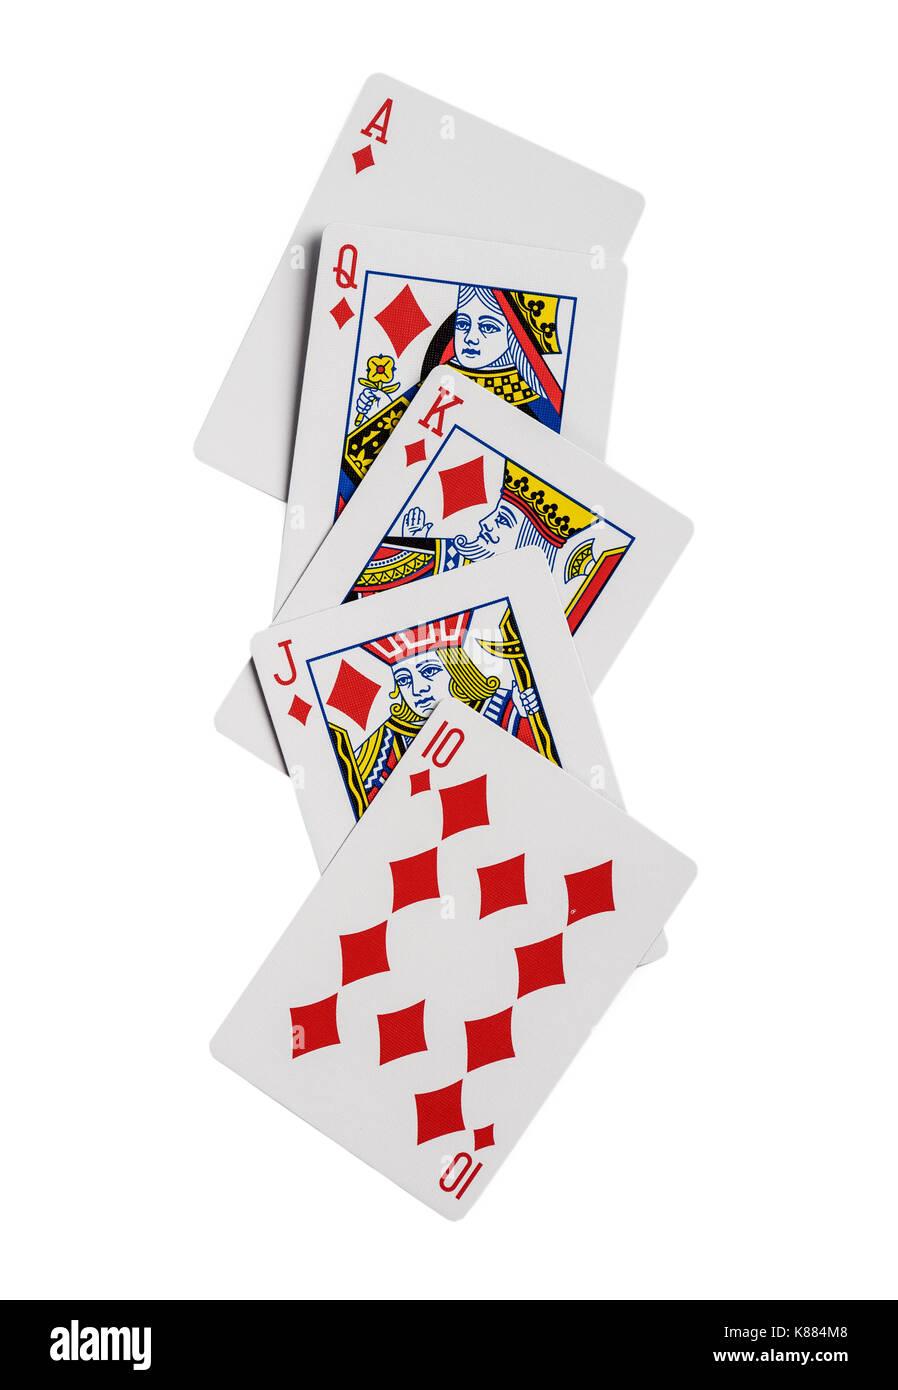 Combinazione di carte da gioco diamanti suit poker casino. isolato su sfondo bianco Immagini Stock